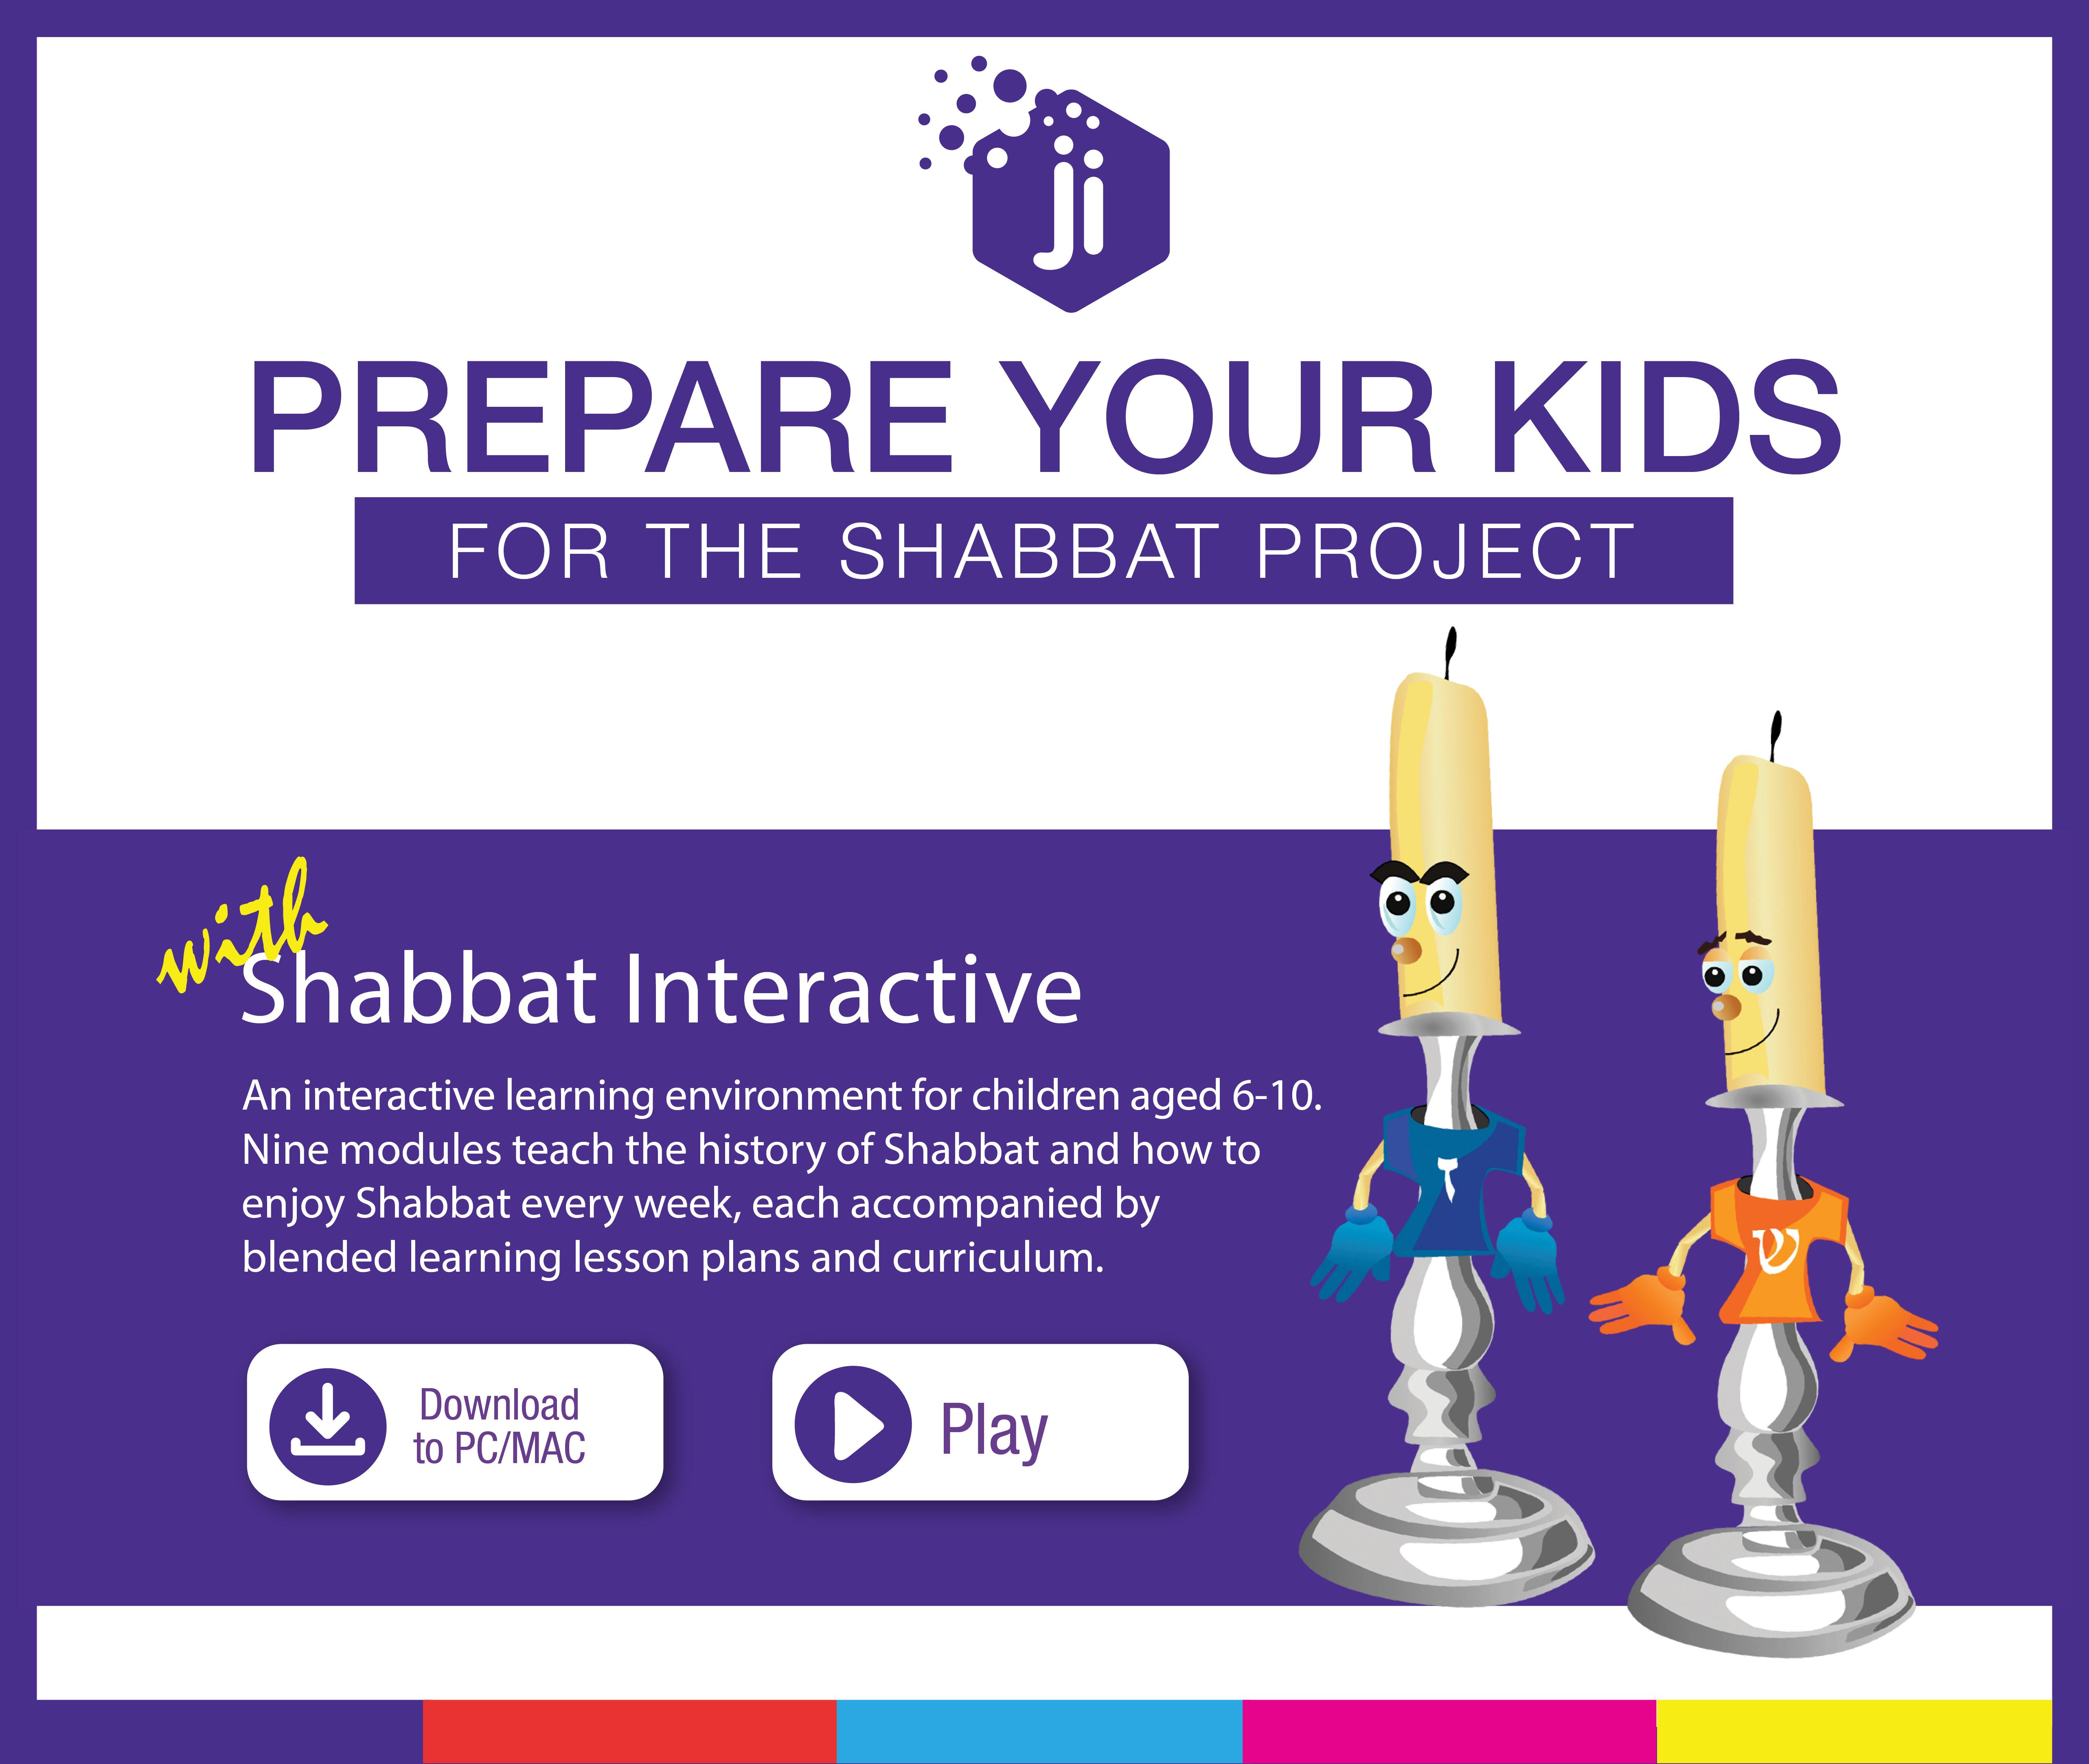 Shabbat_Interactive_2018-1.png